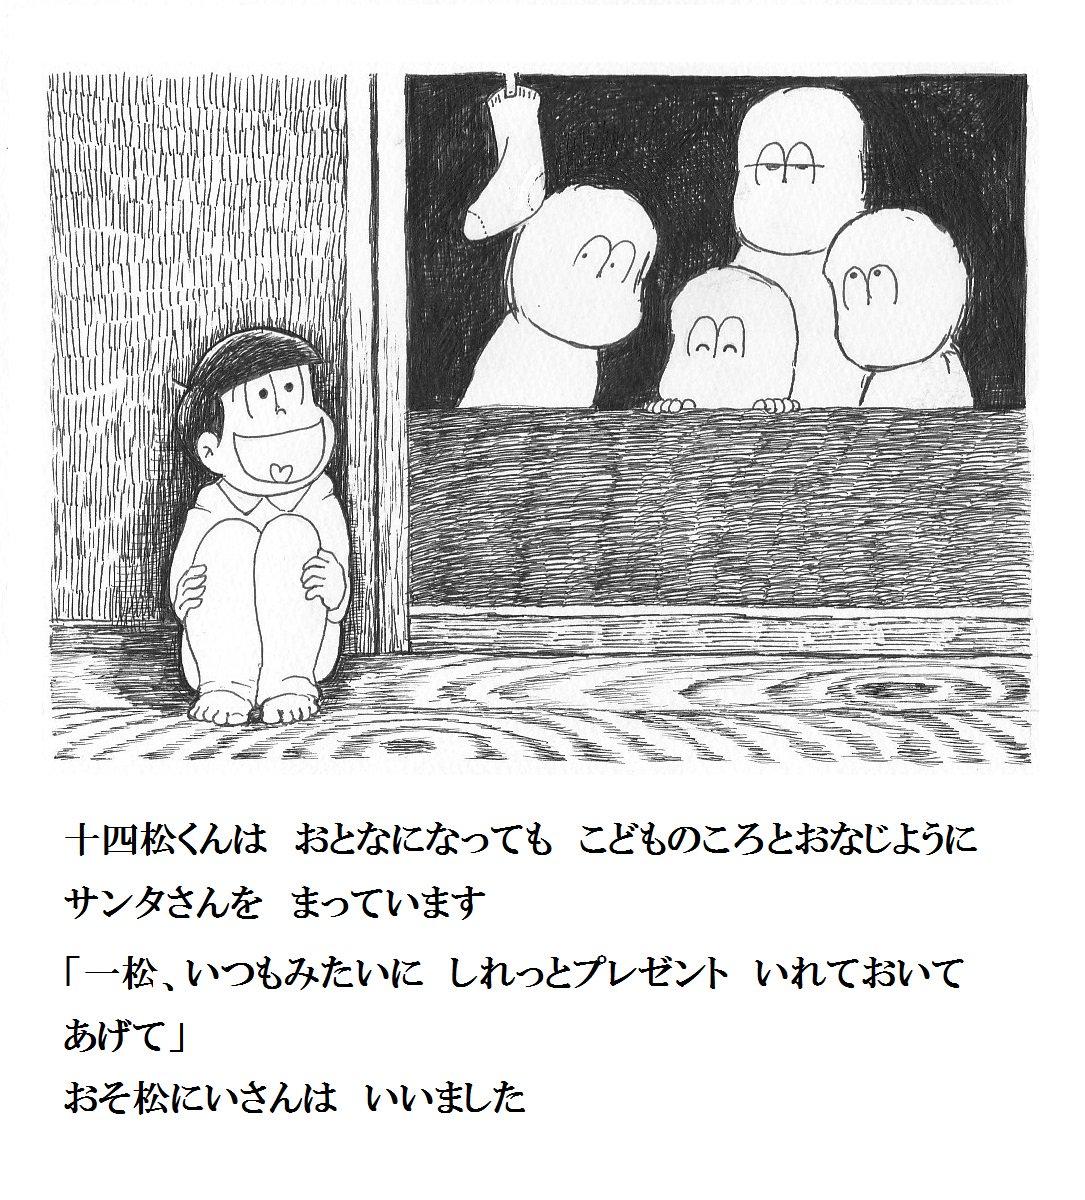 【まんが】十四松とサンタ(おそ松さん)